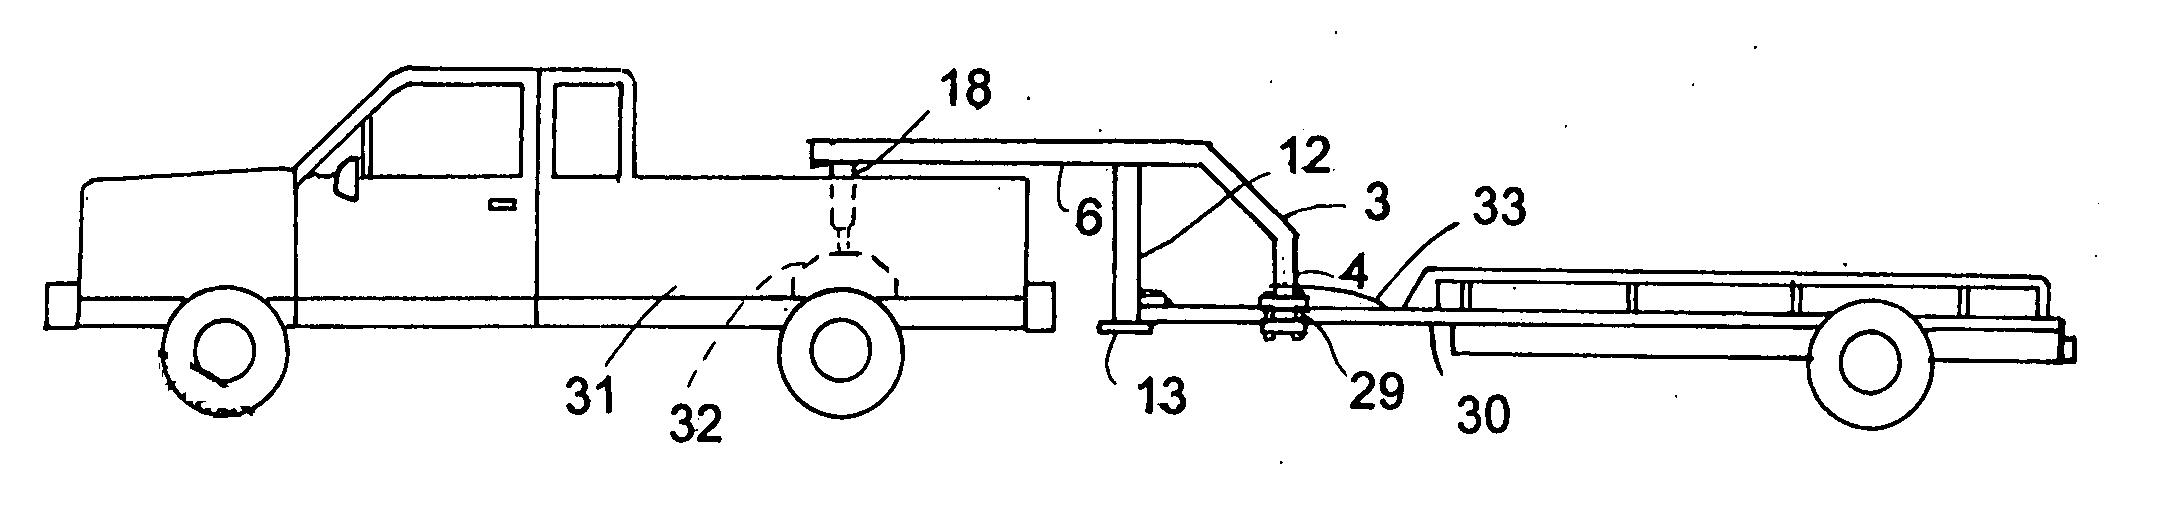 Patent Us20060027997